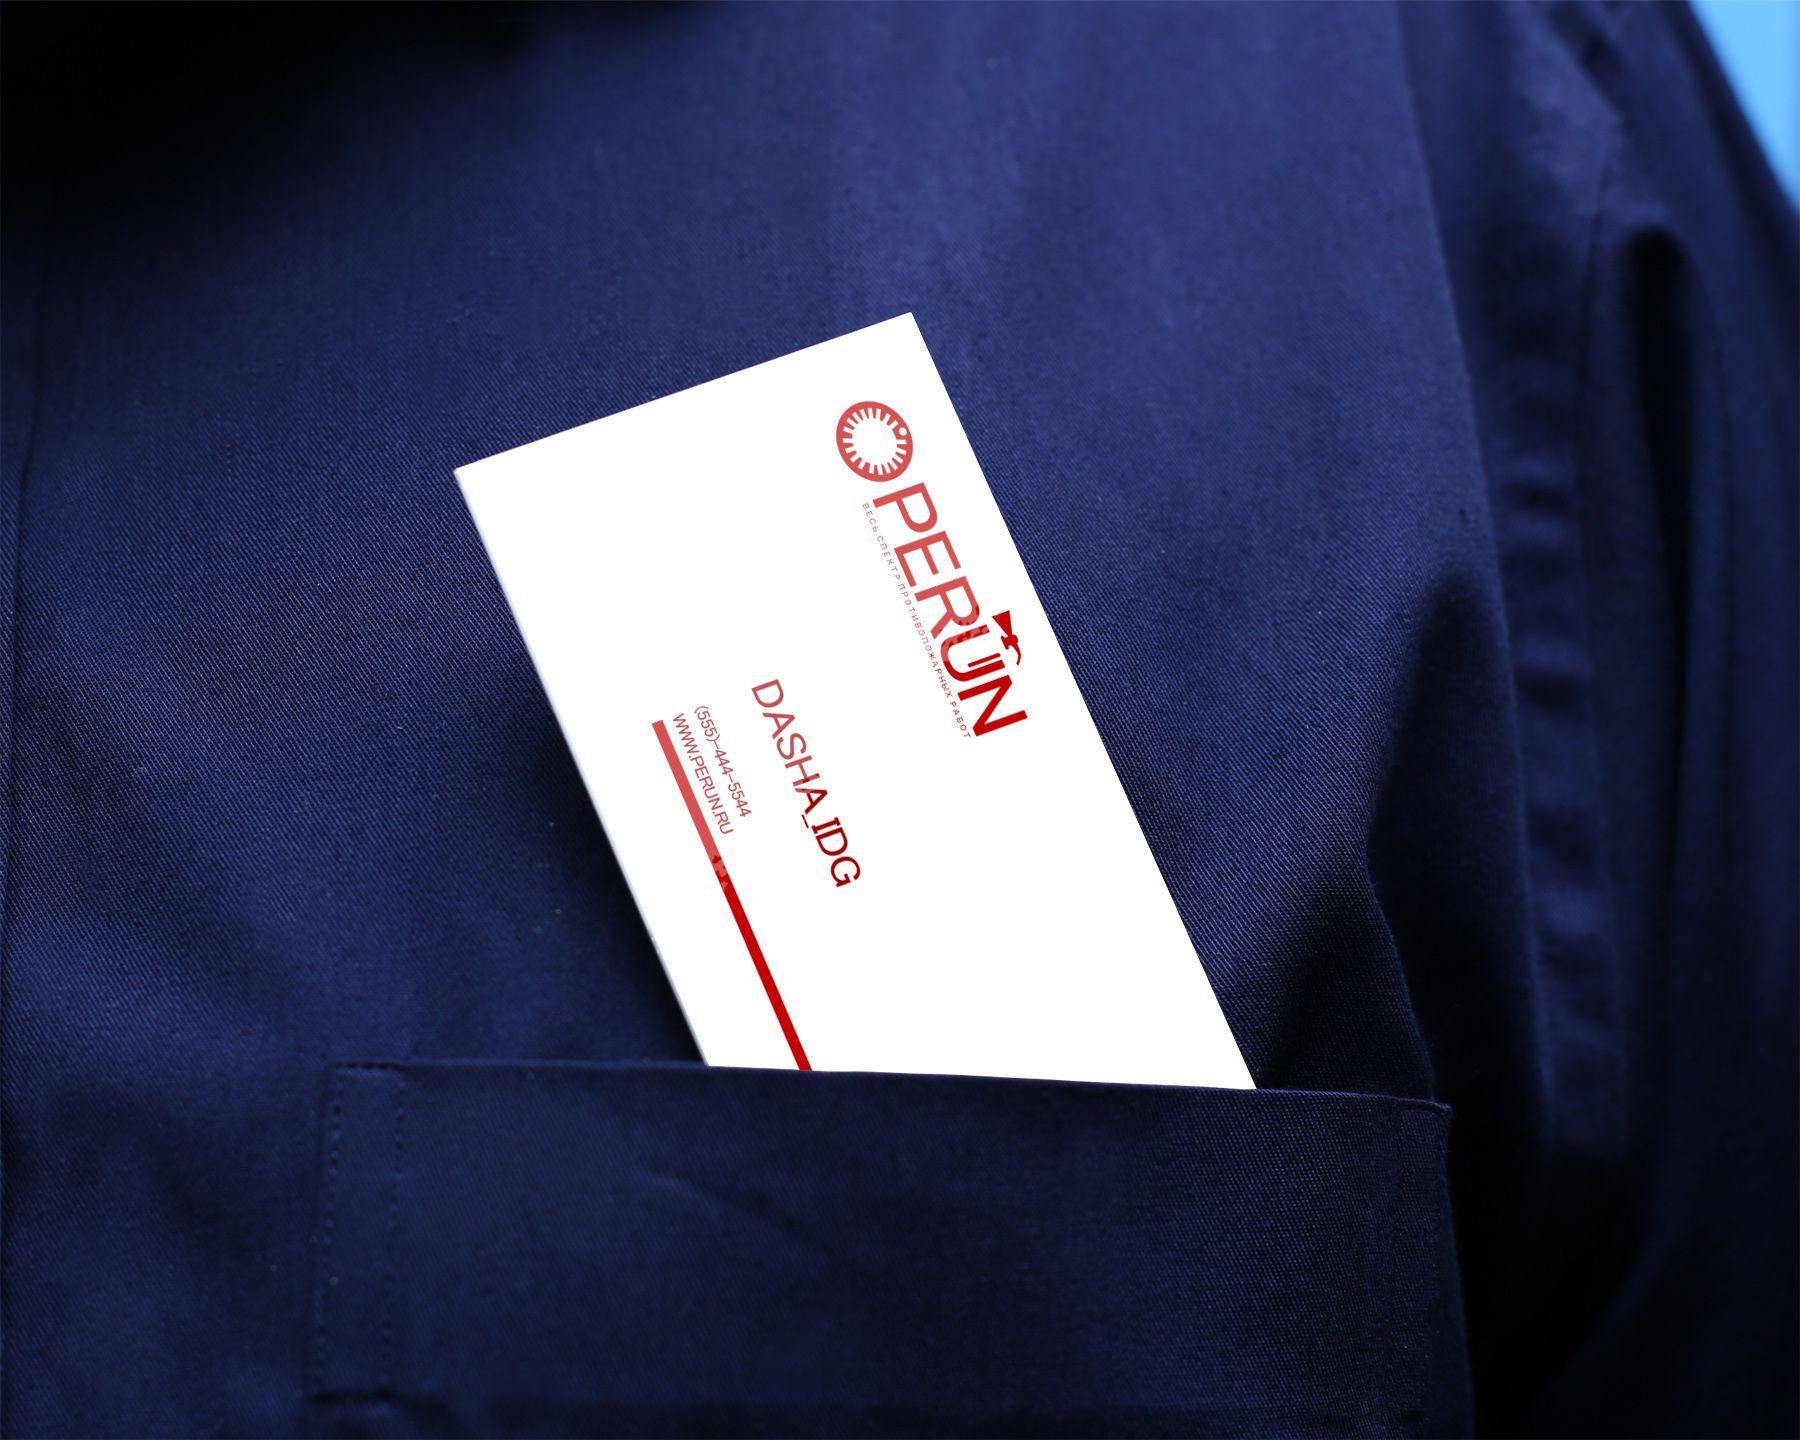 Логотип для компании пожарной безопасности Перун - дизайнер weste32